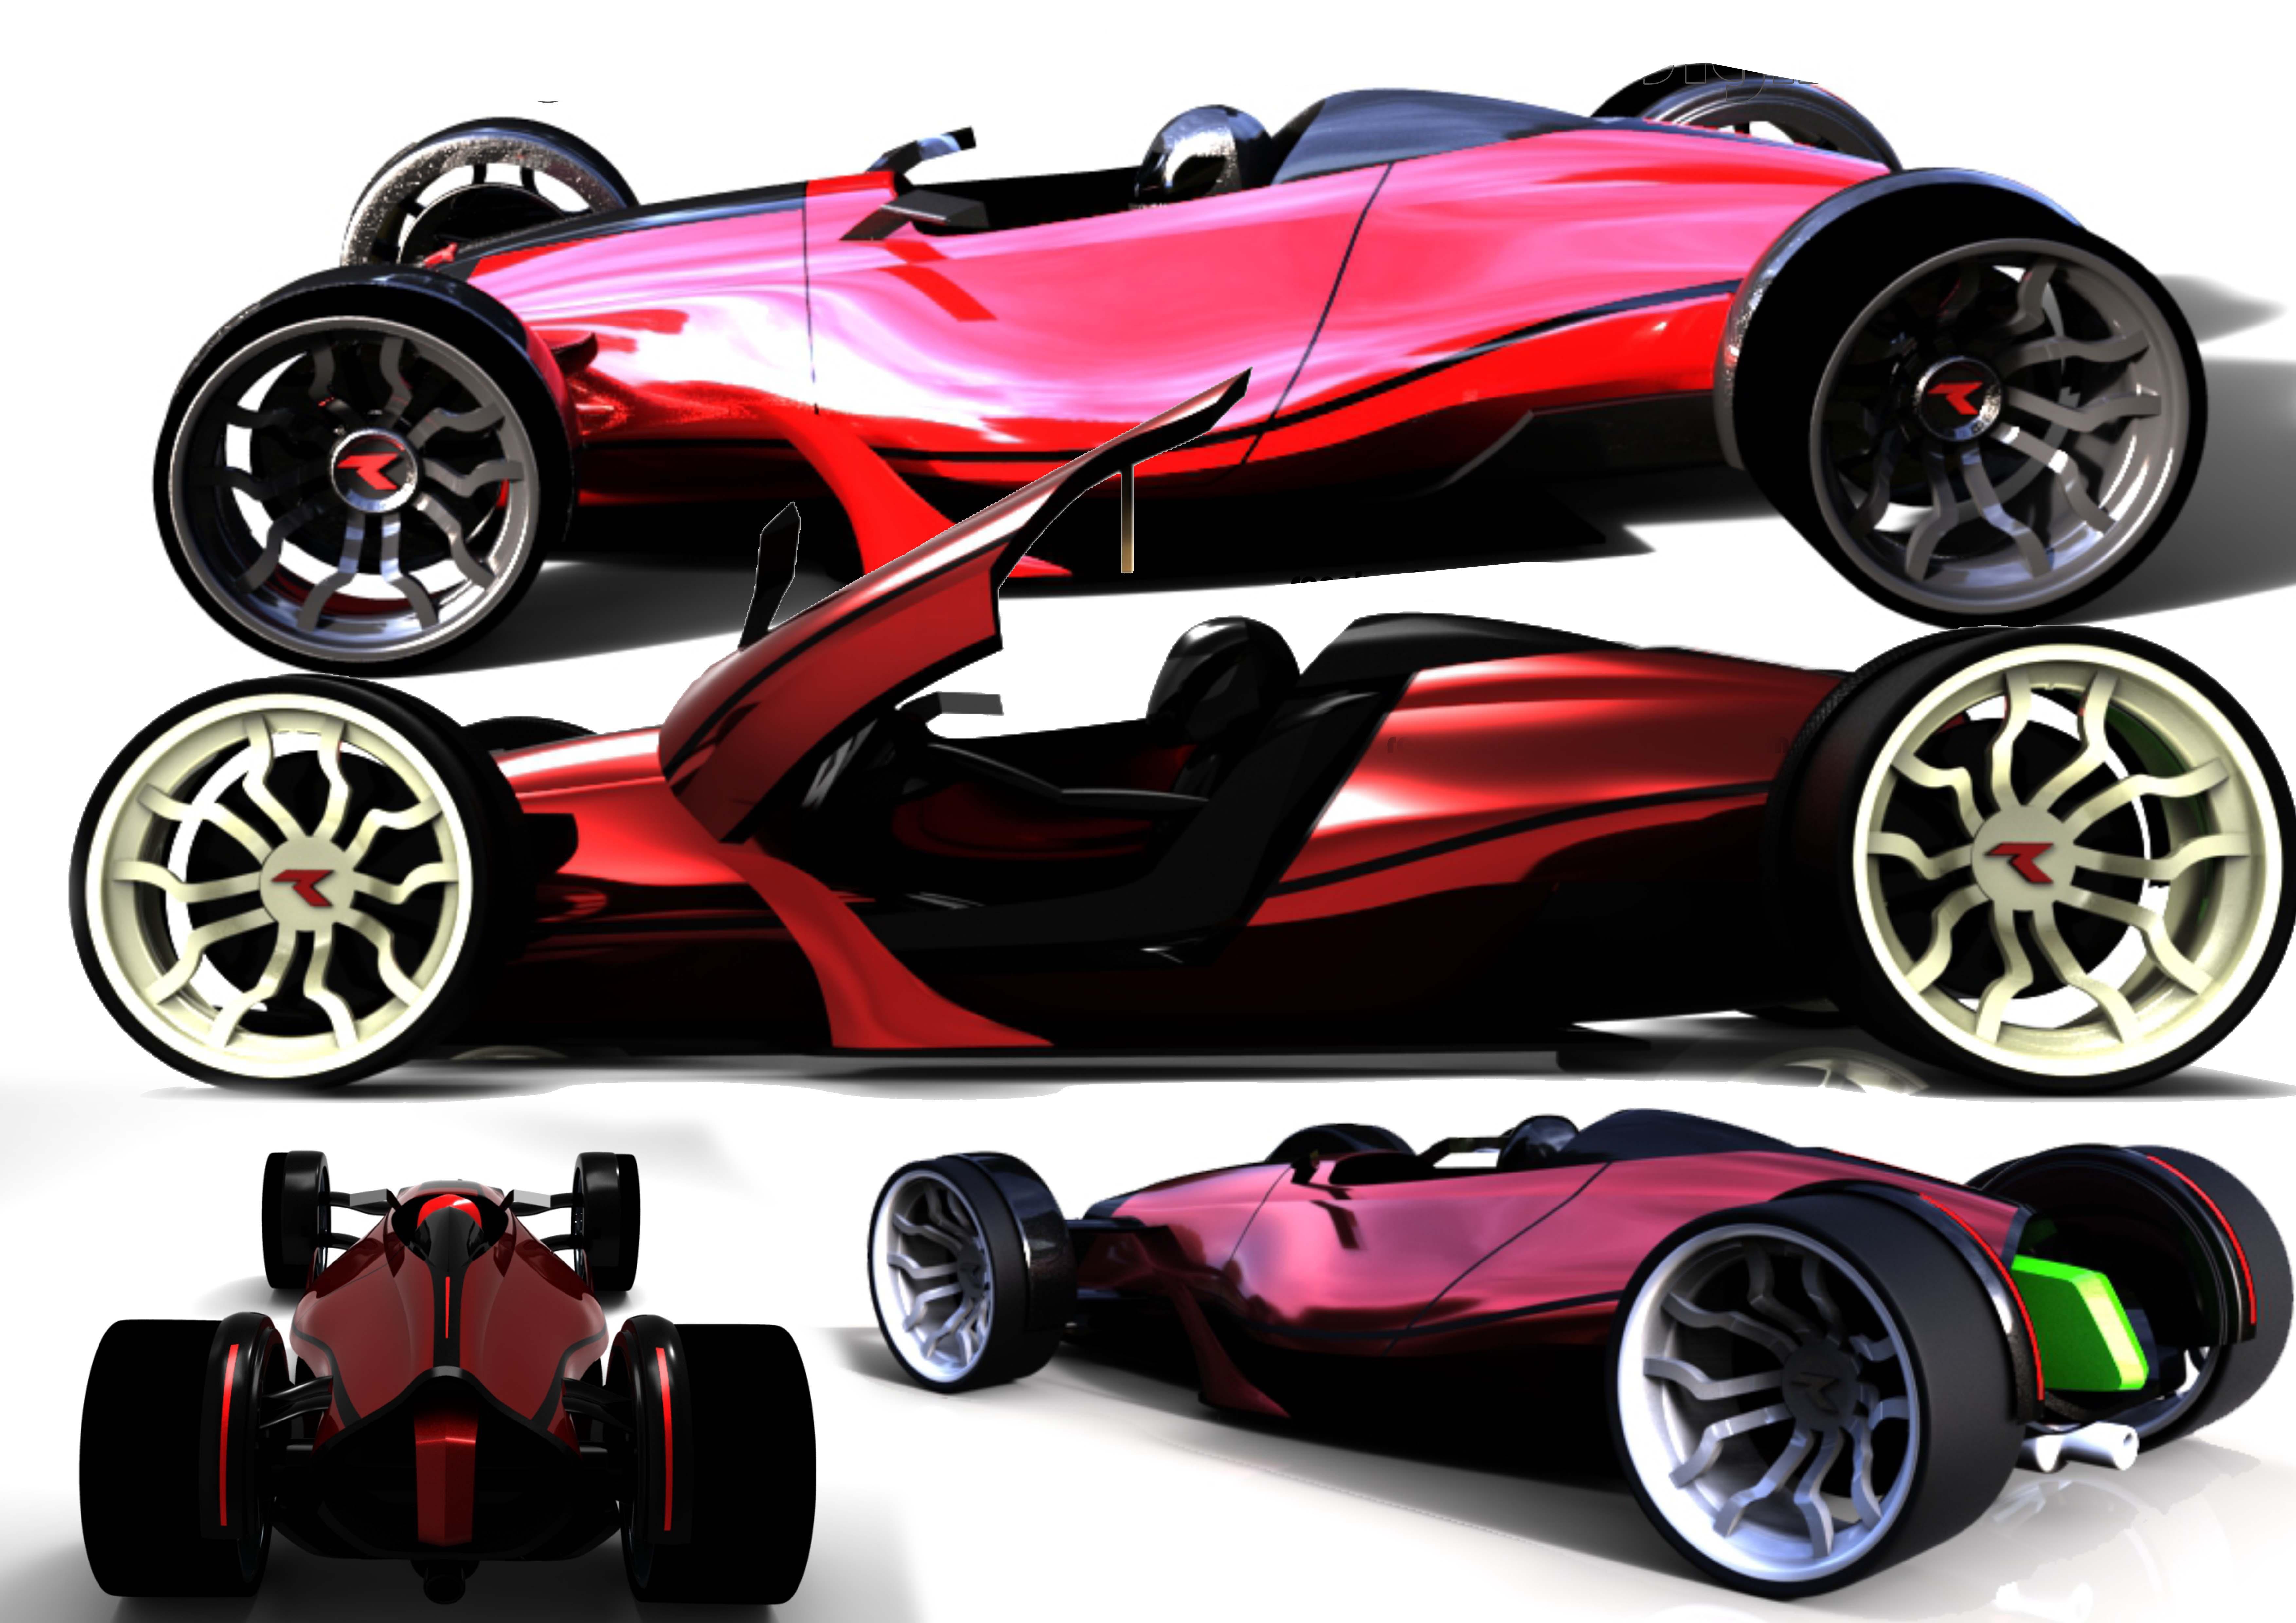 Concept car - SPortster 2015 3d art